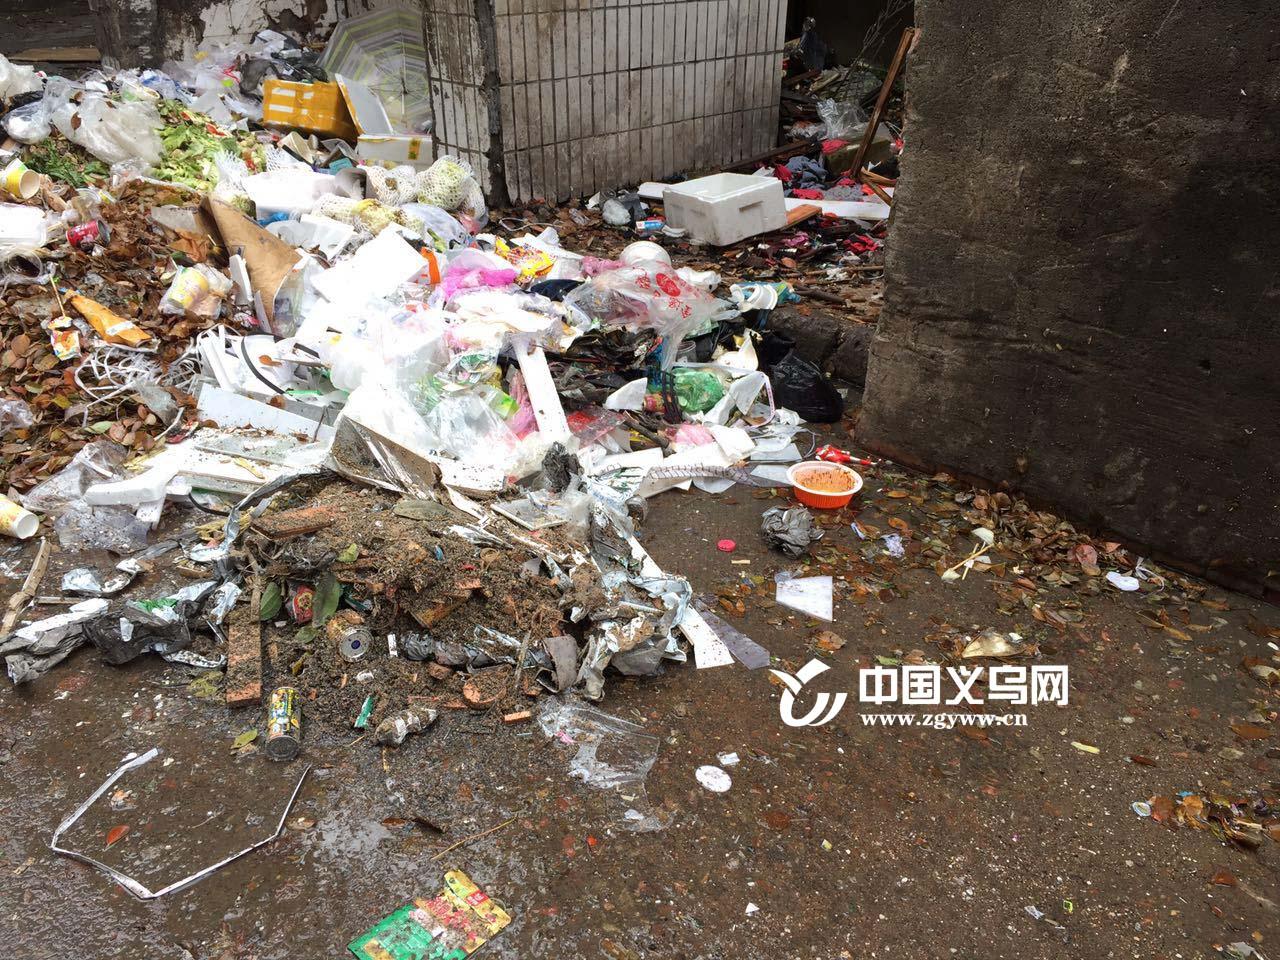 义乌青口一消防栓断裂20天 街面卫生情况不容乐观